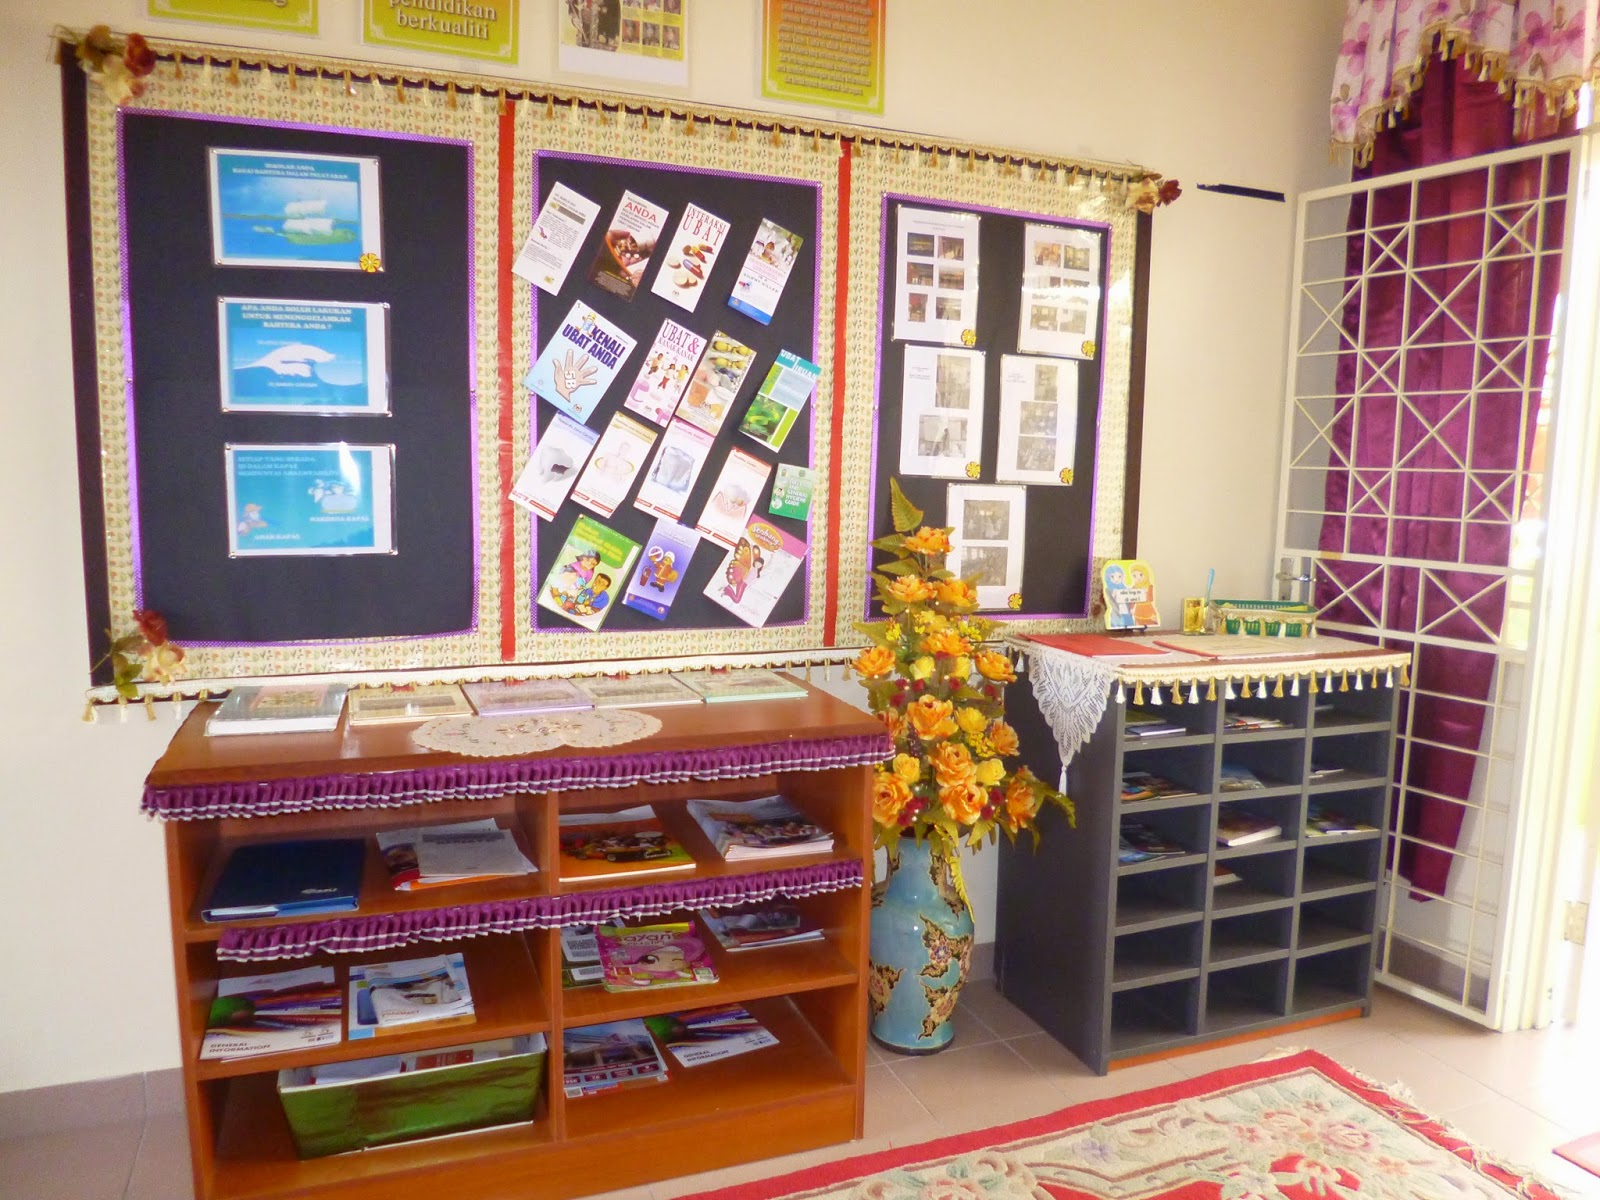 Masuk Saja Ruang Tamu Dan Ada Dua Bilik 1 Dijadikan Sesi Lagi Pengurusan Sudut Membaca